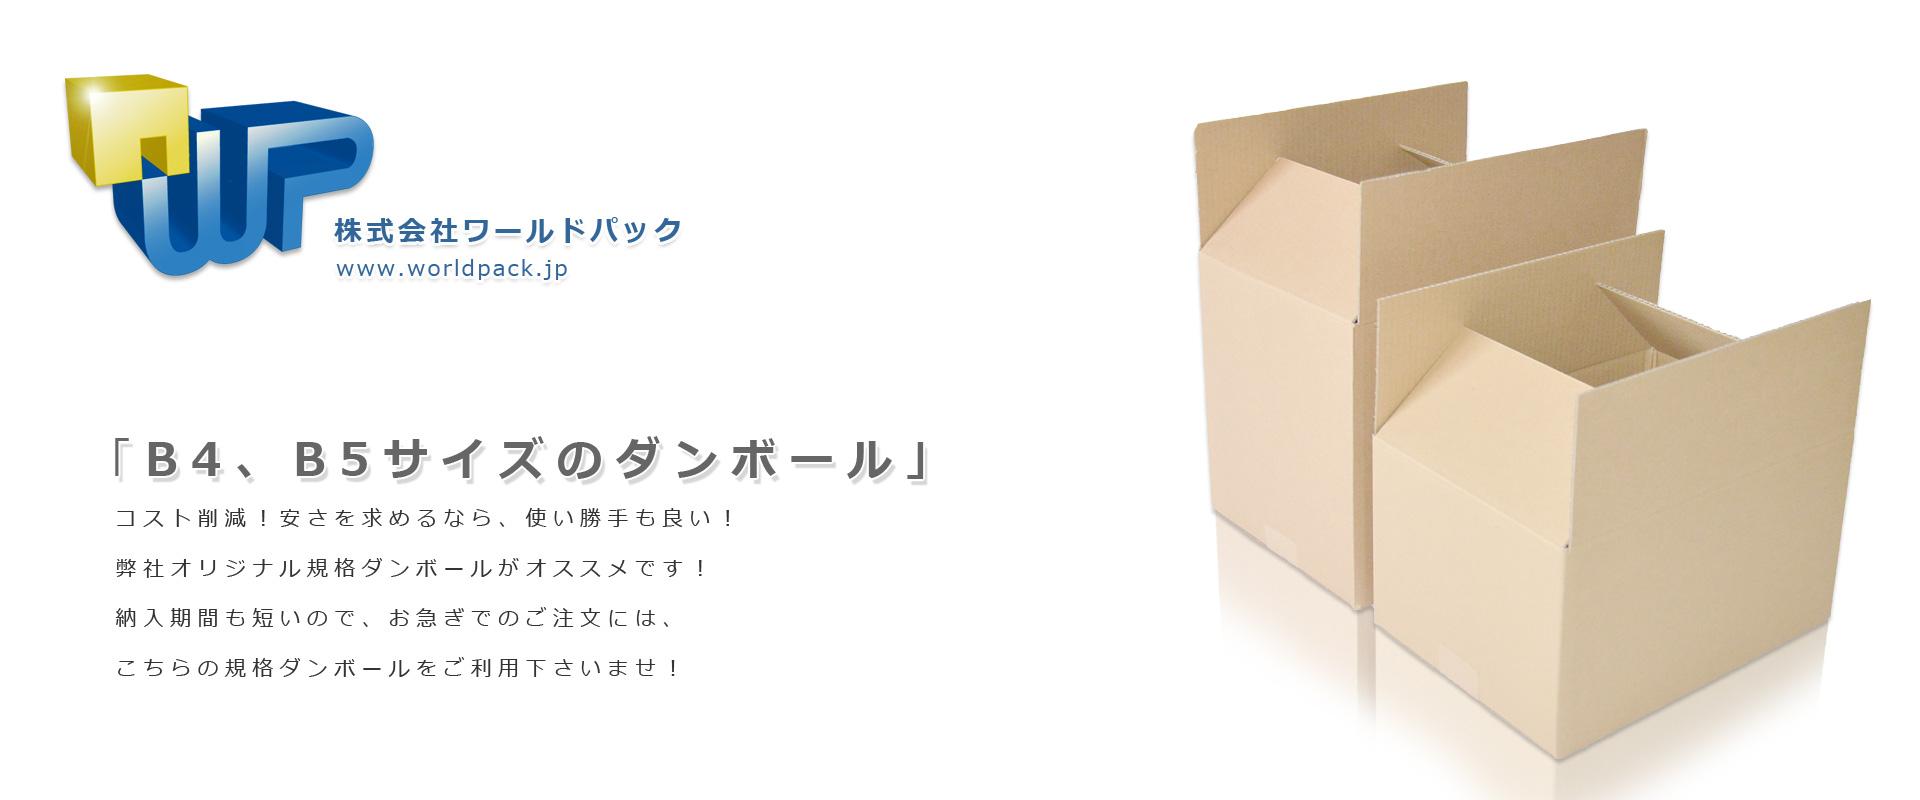 ぴったりサイズのB5サイズ、B4サイズのダンボール 規格ダンボール 小ロット販売OK 株式会社ワールドパック 東京、神奈川、埼玉、千葉、茨城、群馬、栃木